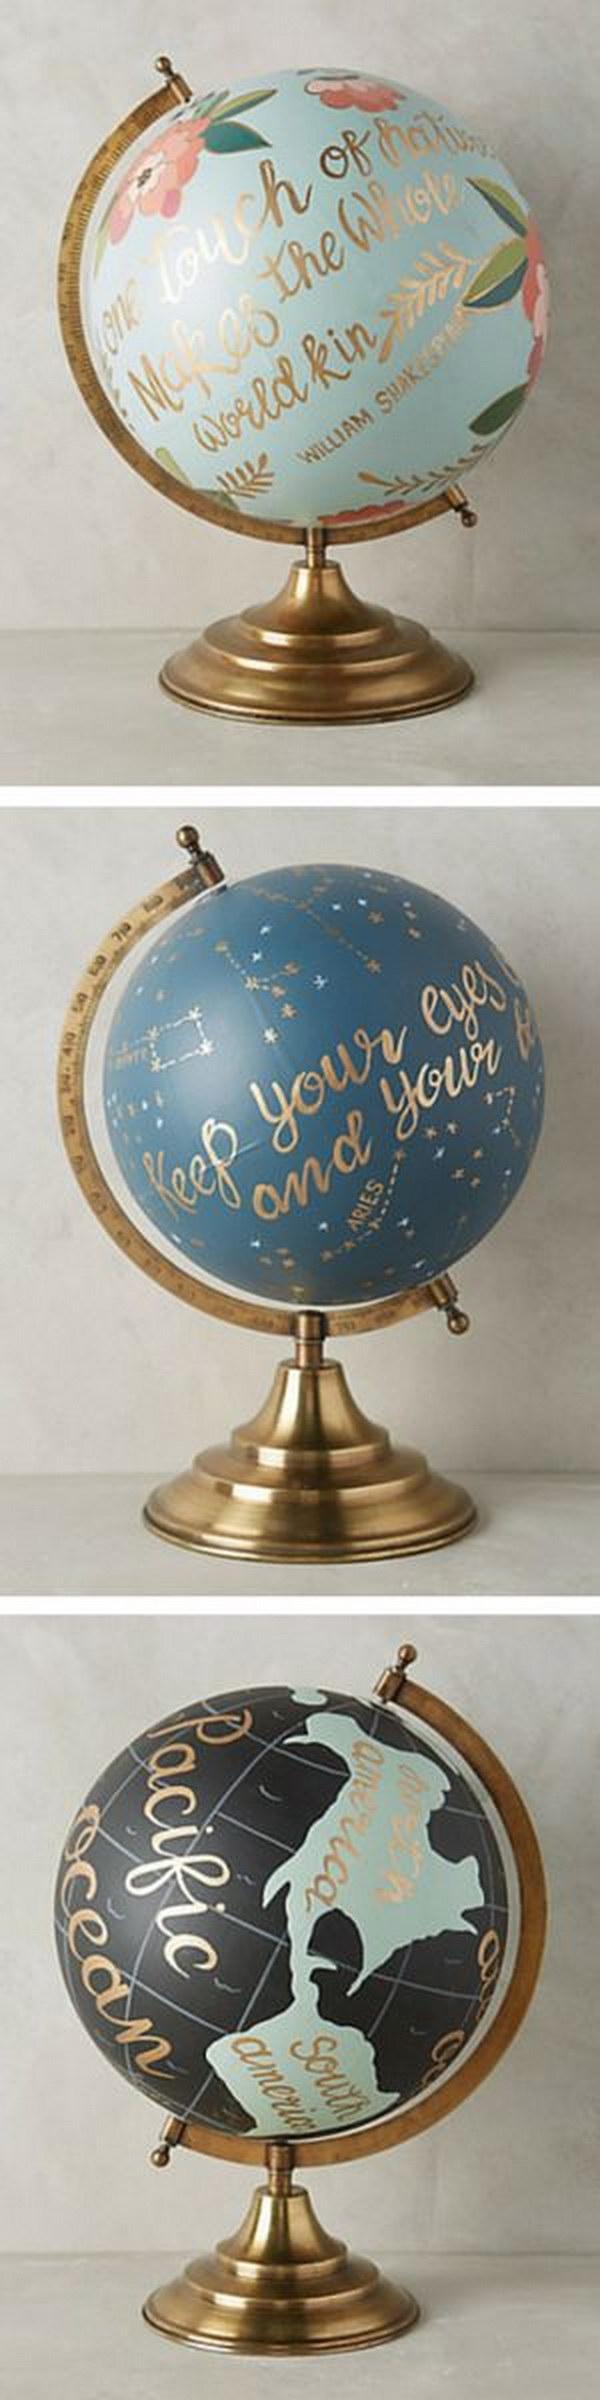 Handpainted Wanderlust Globe.